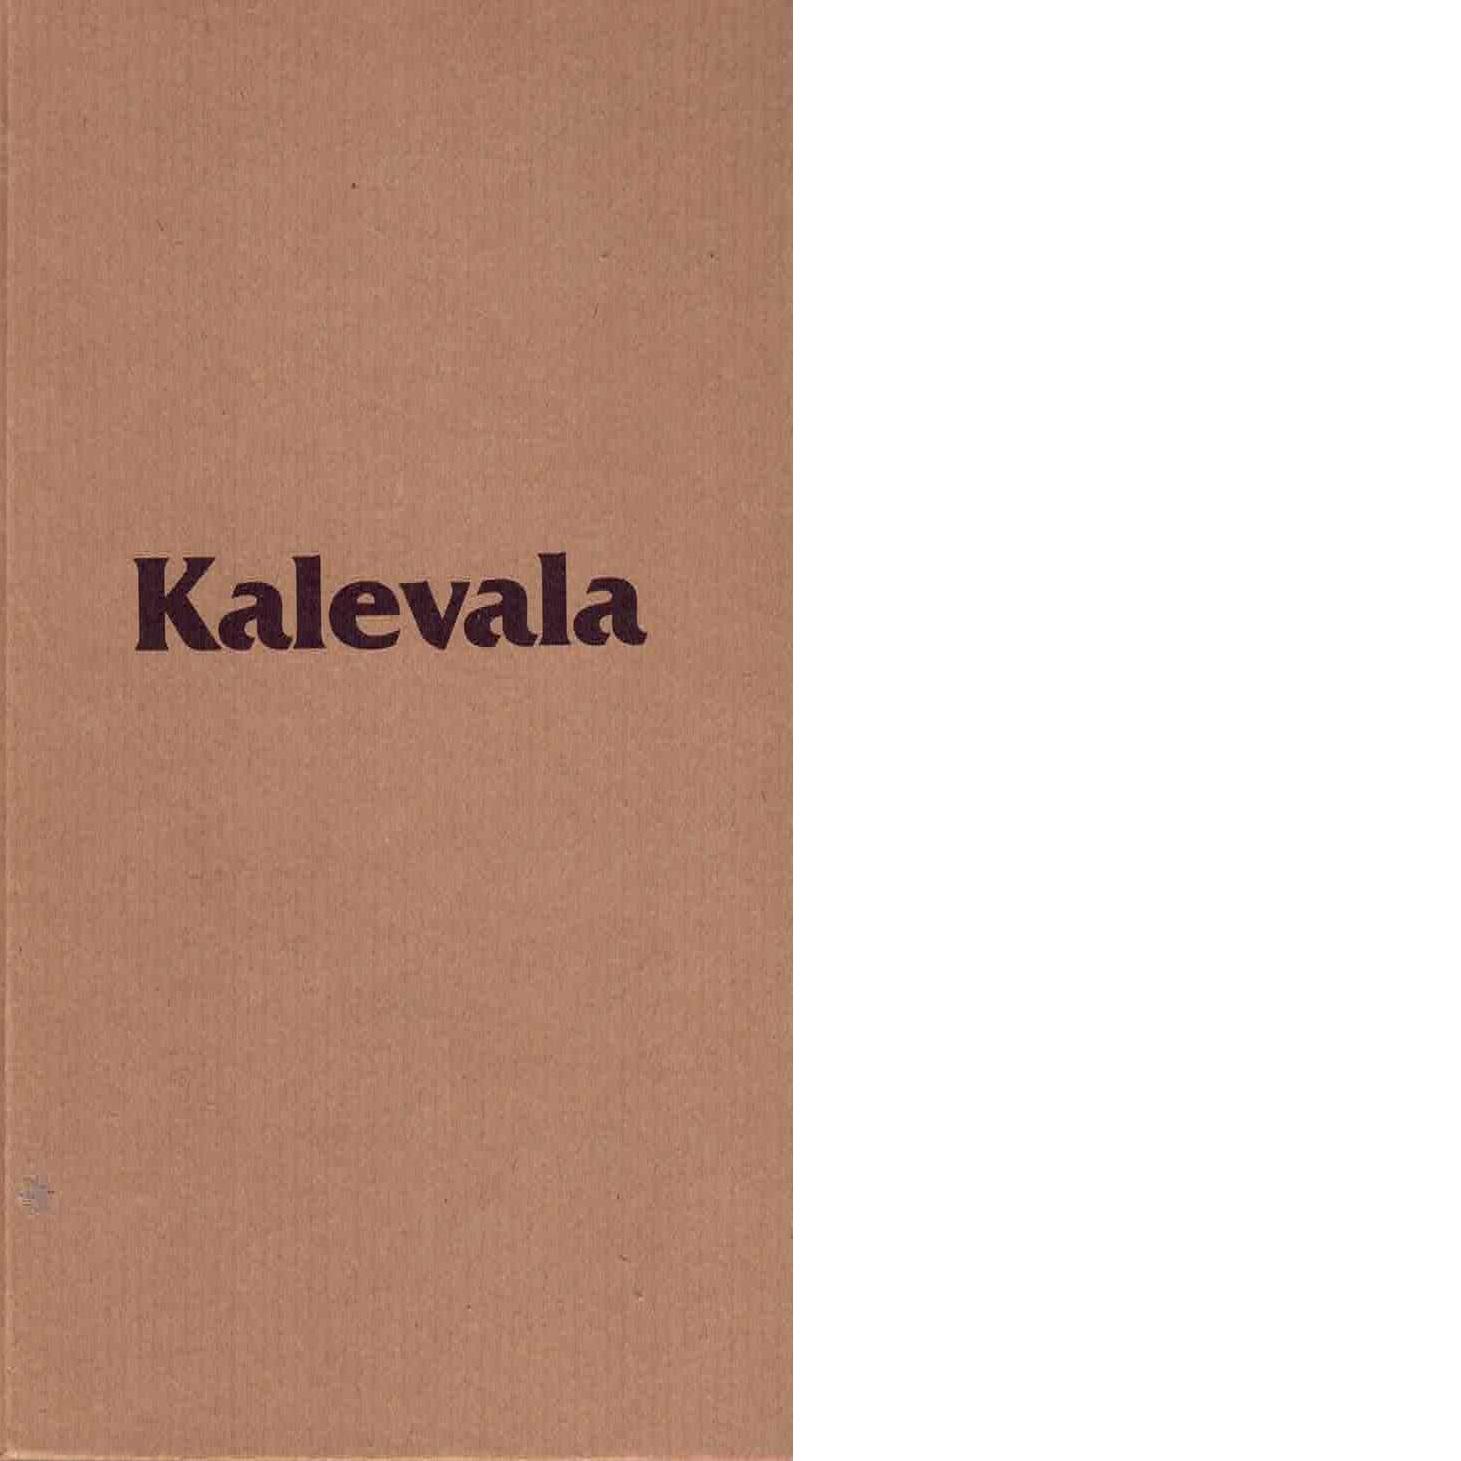 Kalevala - Red.